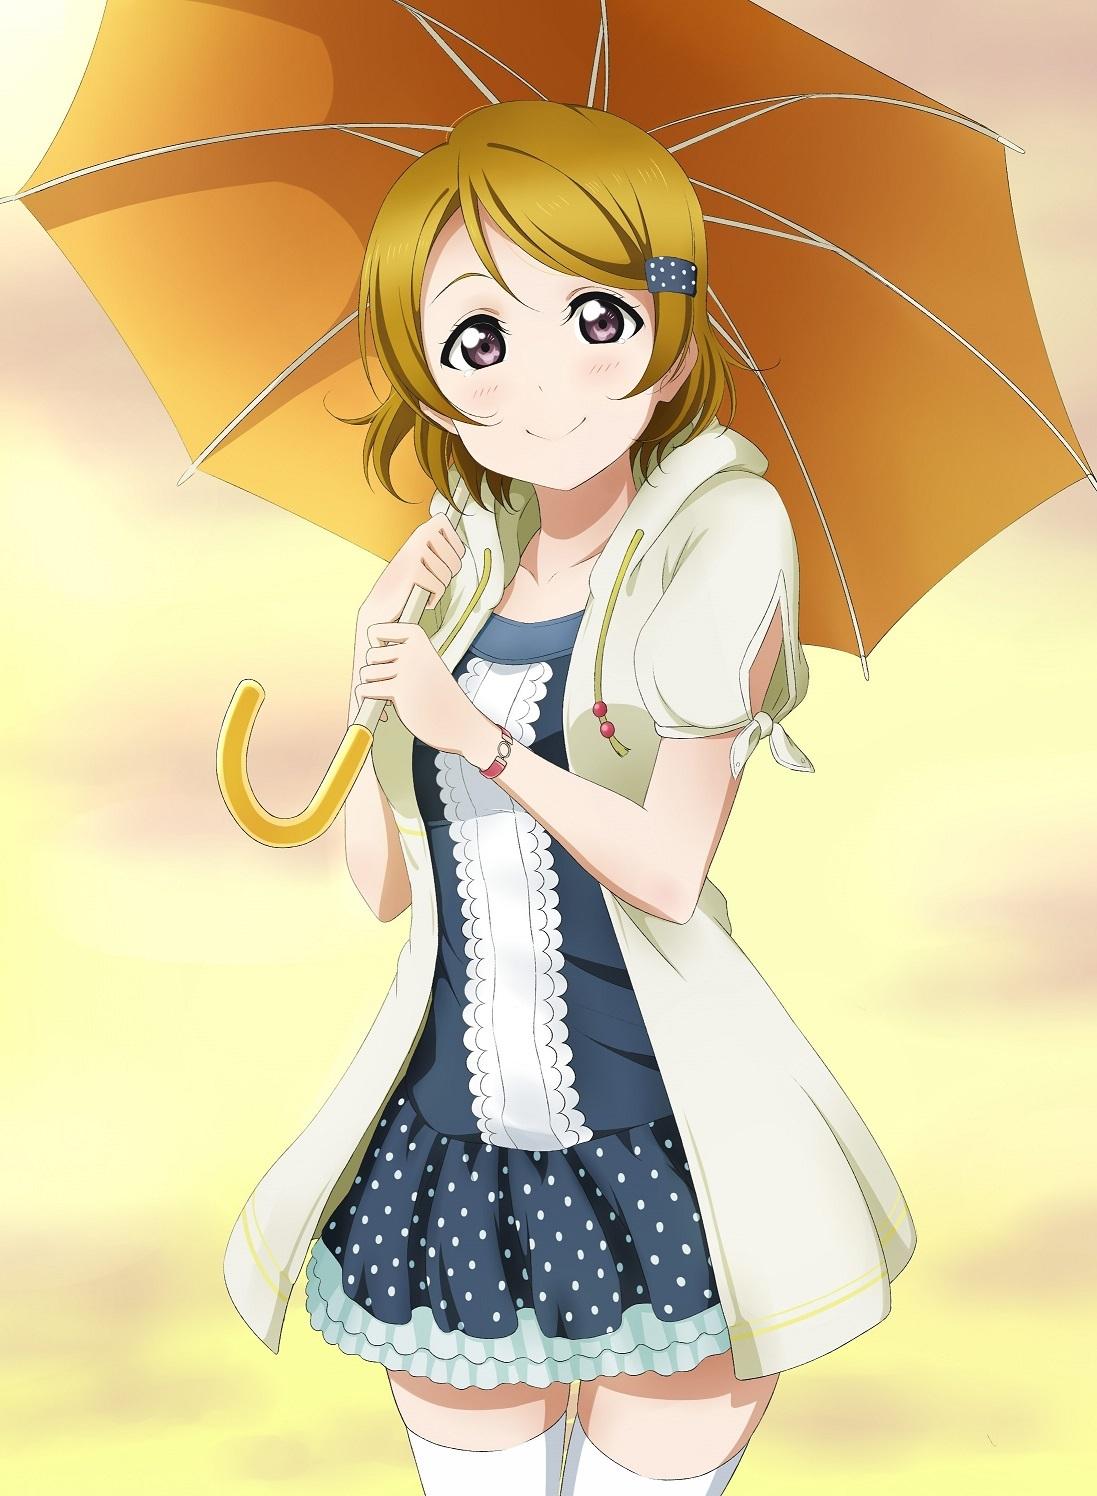 ラブライブ! 小泉花陽 / LoveLive! Koizumi Hanayo #5385